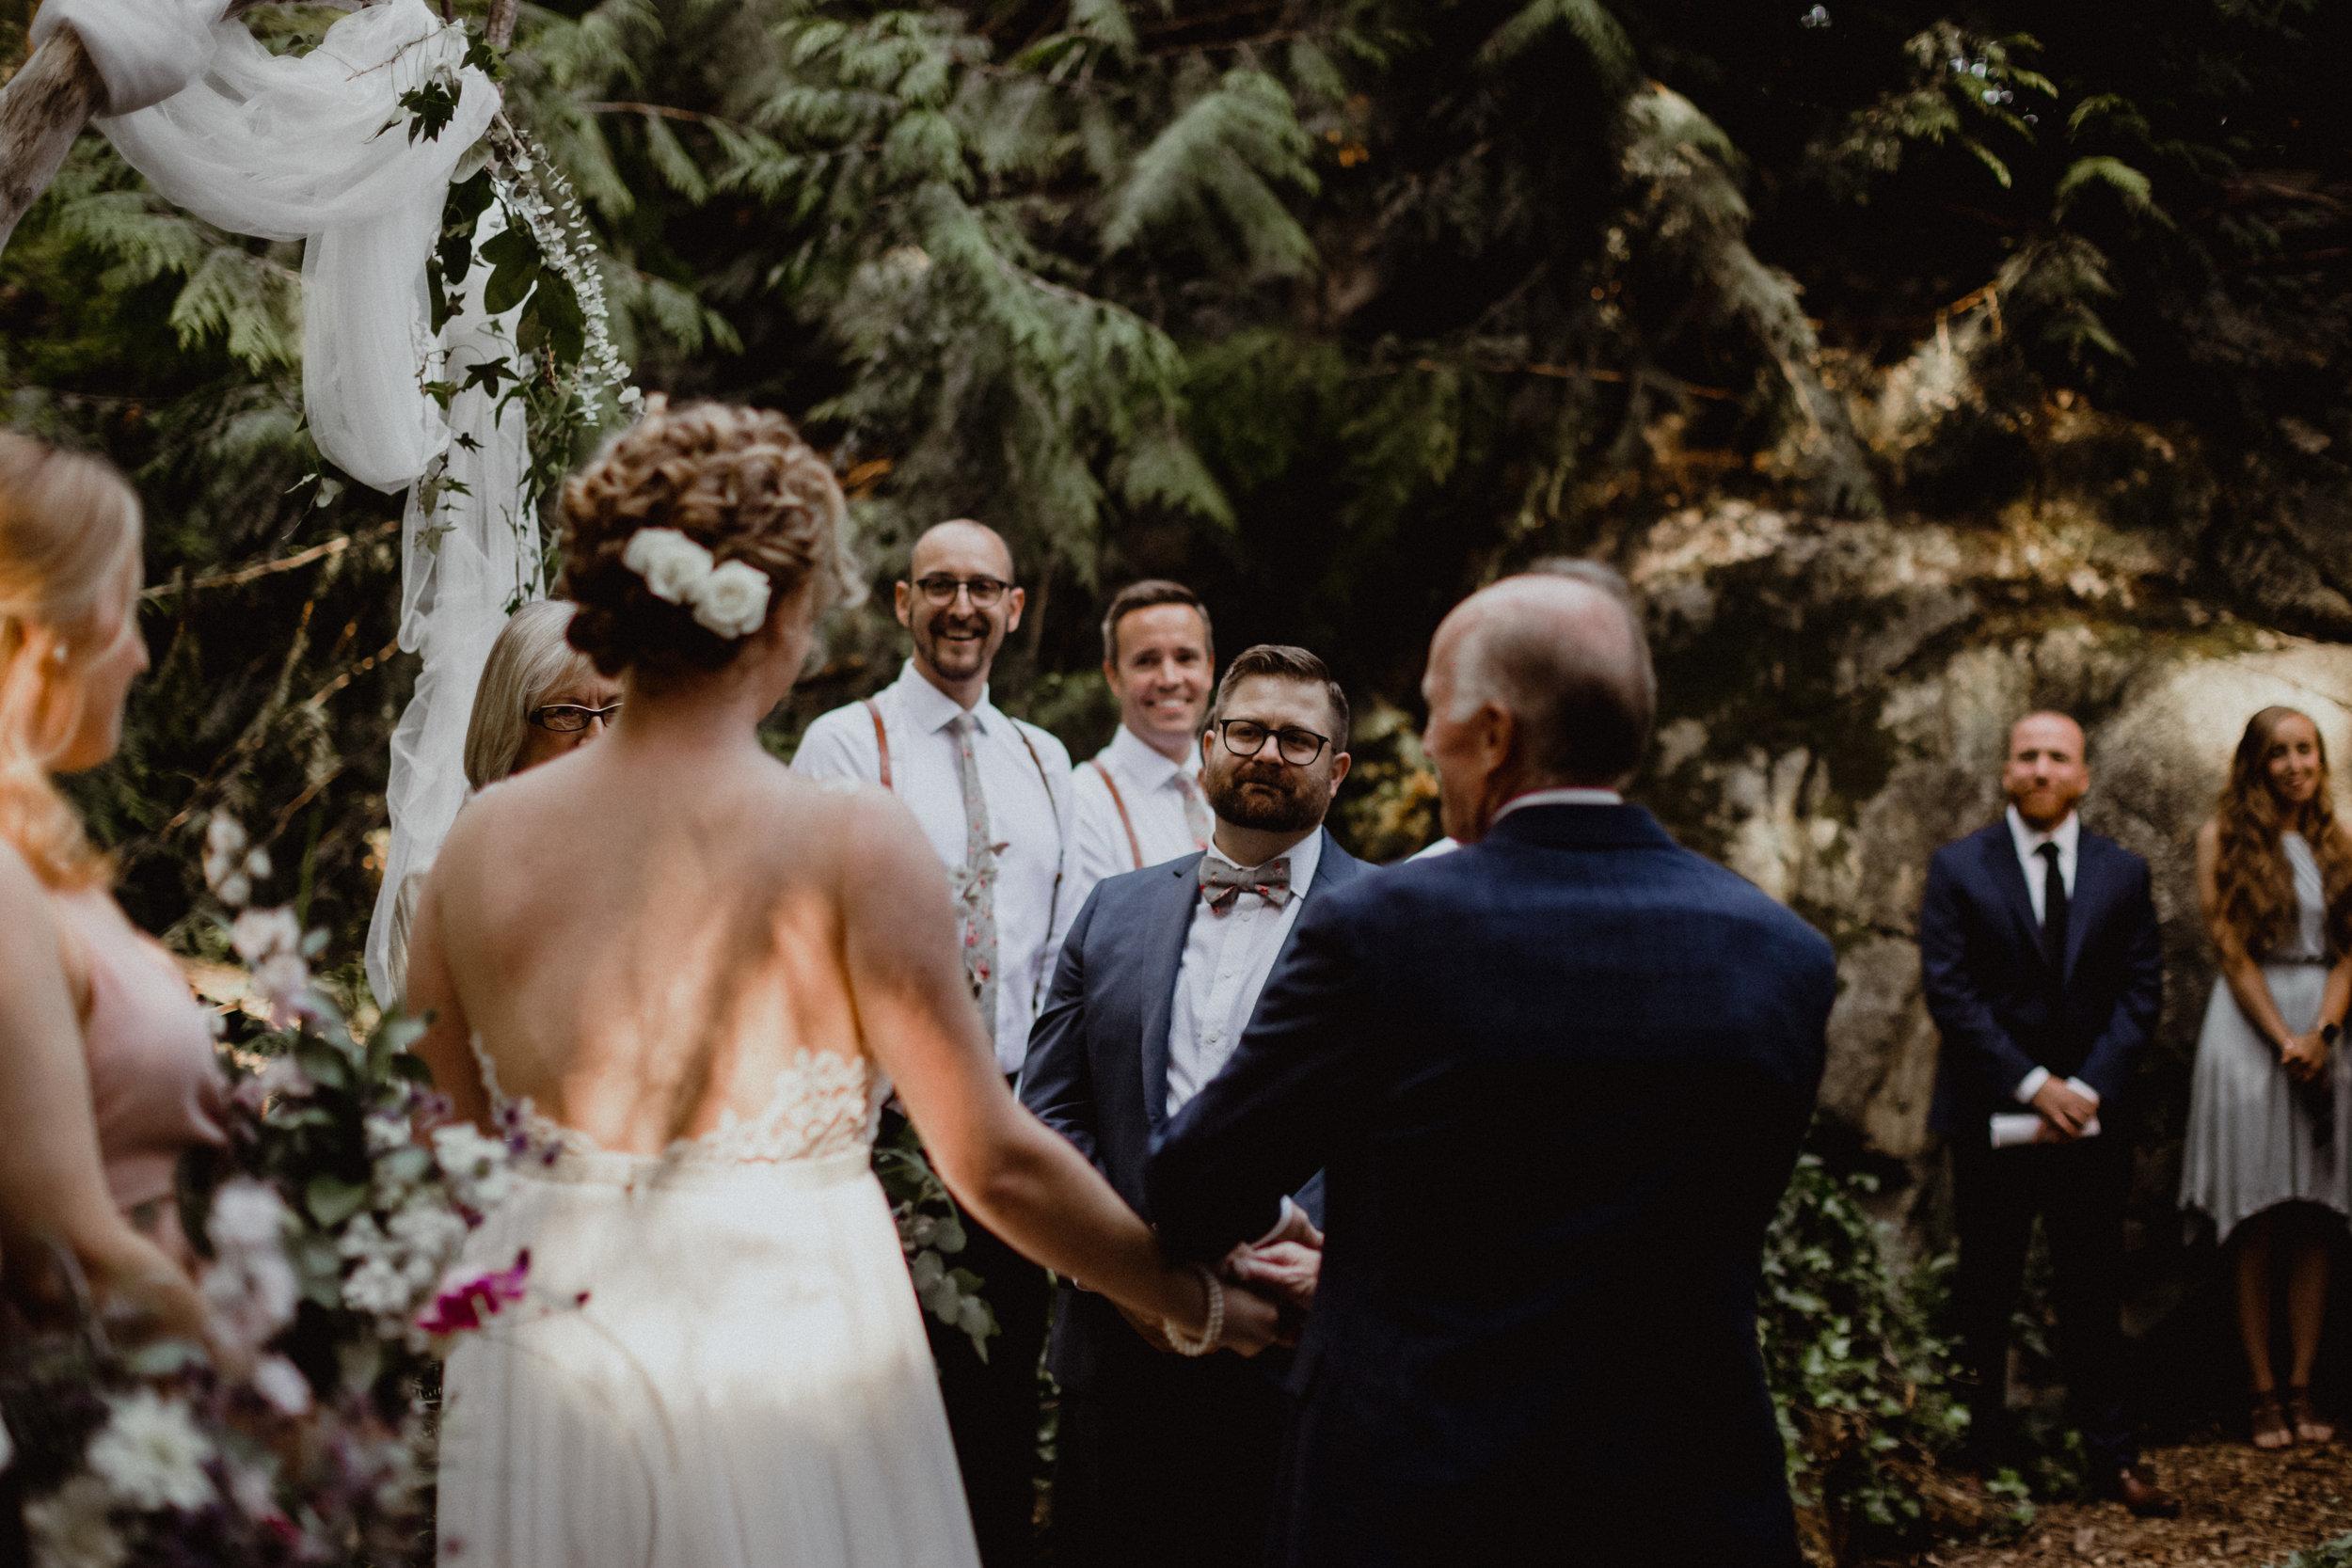 west-vancouver-backyard-wedding-92.jpg